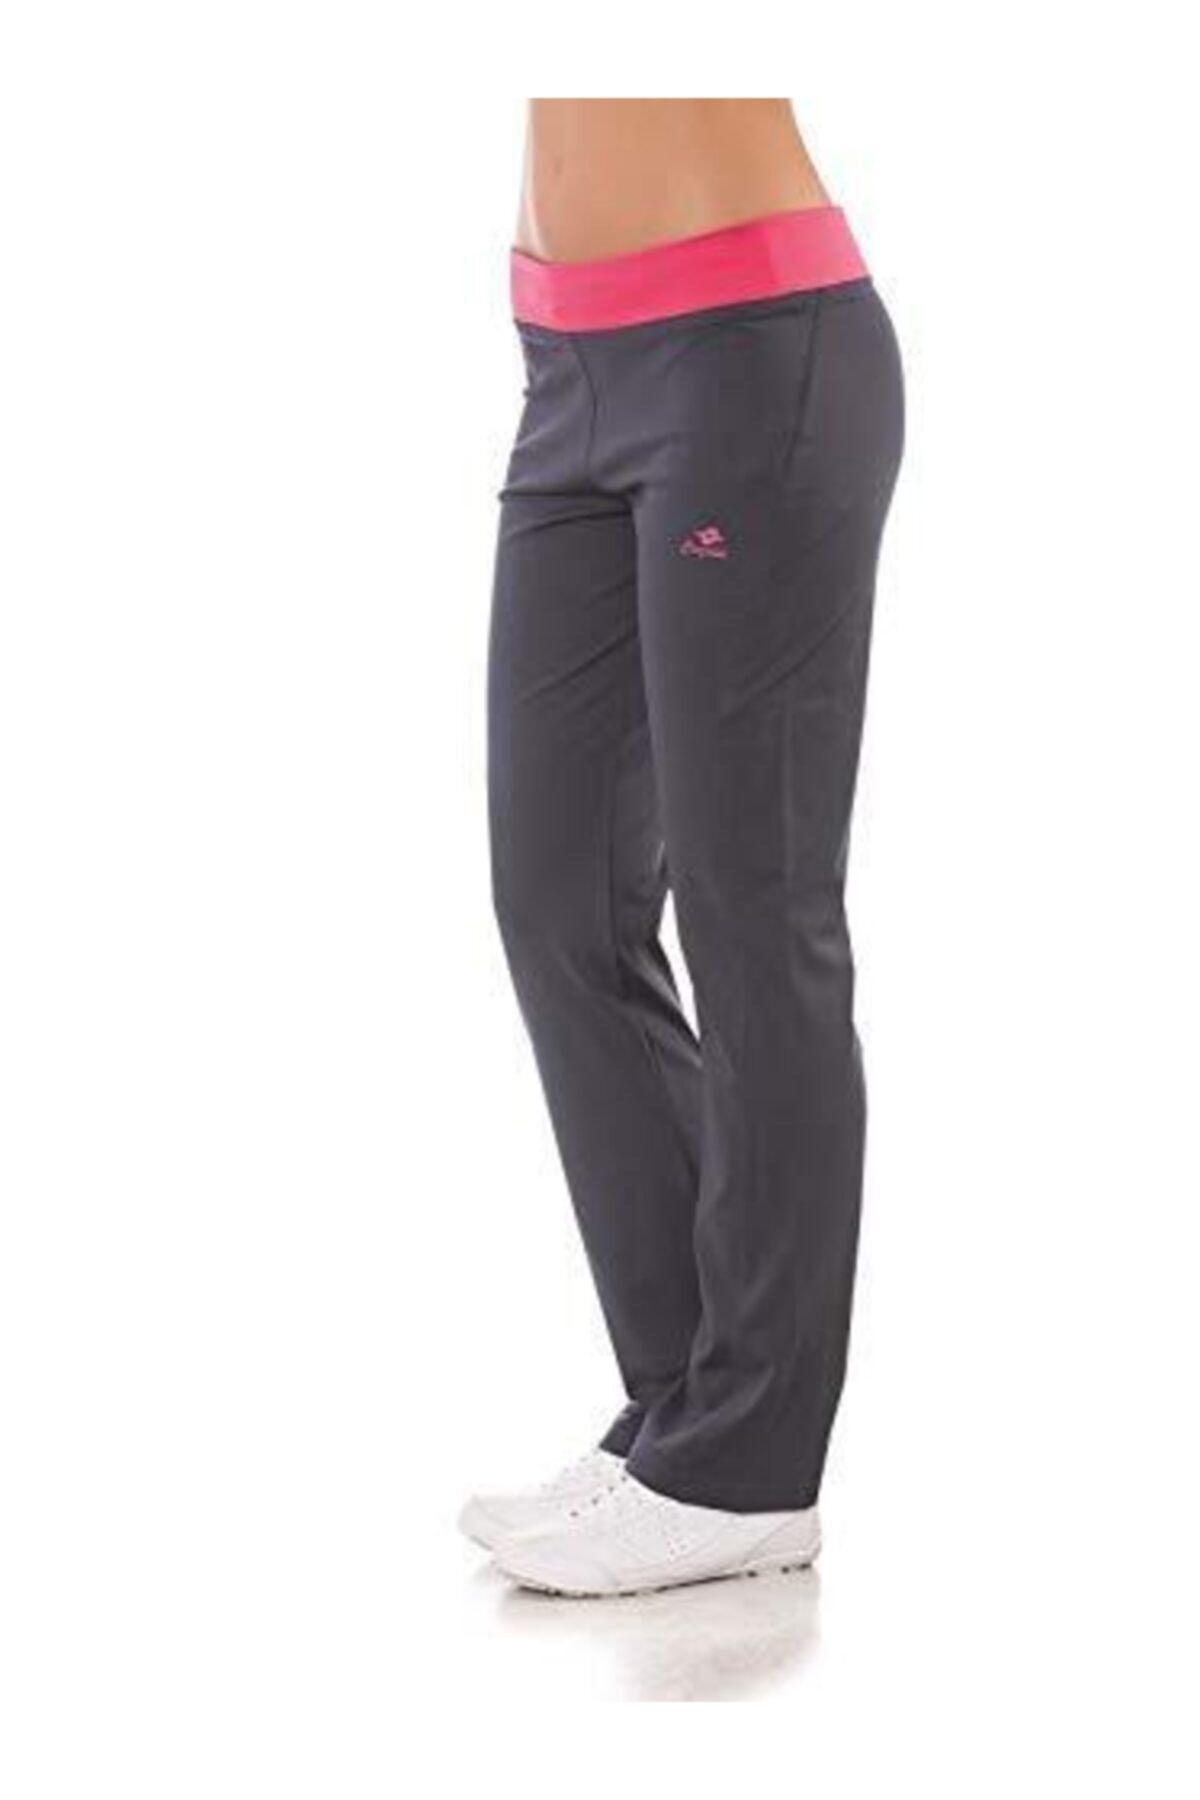 Crozwise Kadın Antrasit 2101 Regular-fit Spor Pantolon 1